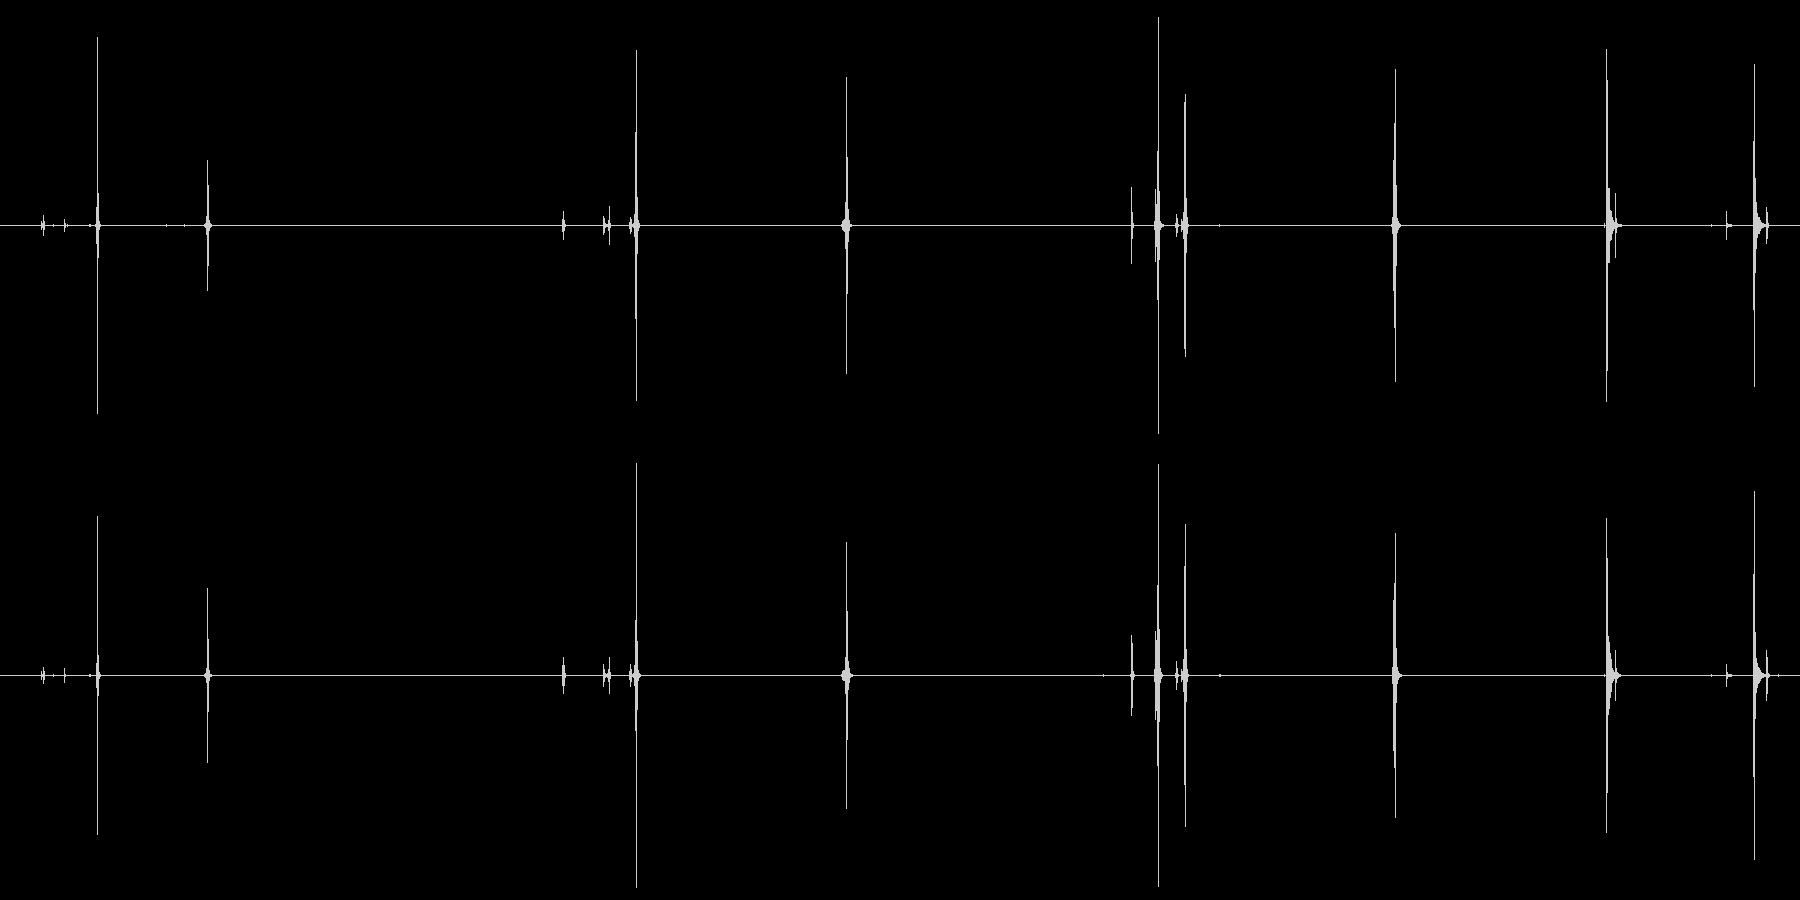 接続するもの、ライト、5バージョン...の未再生の波形